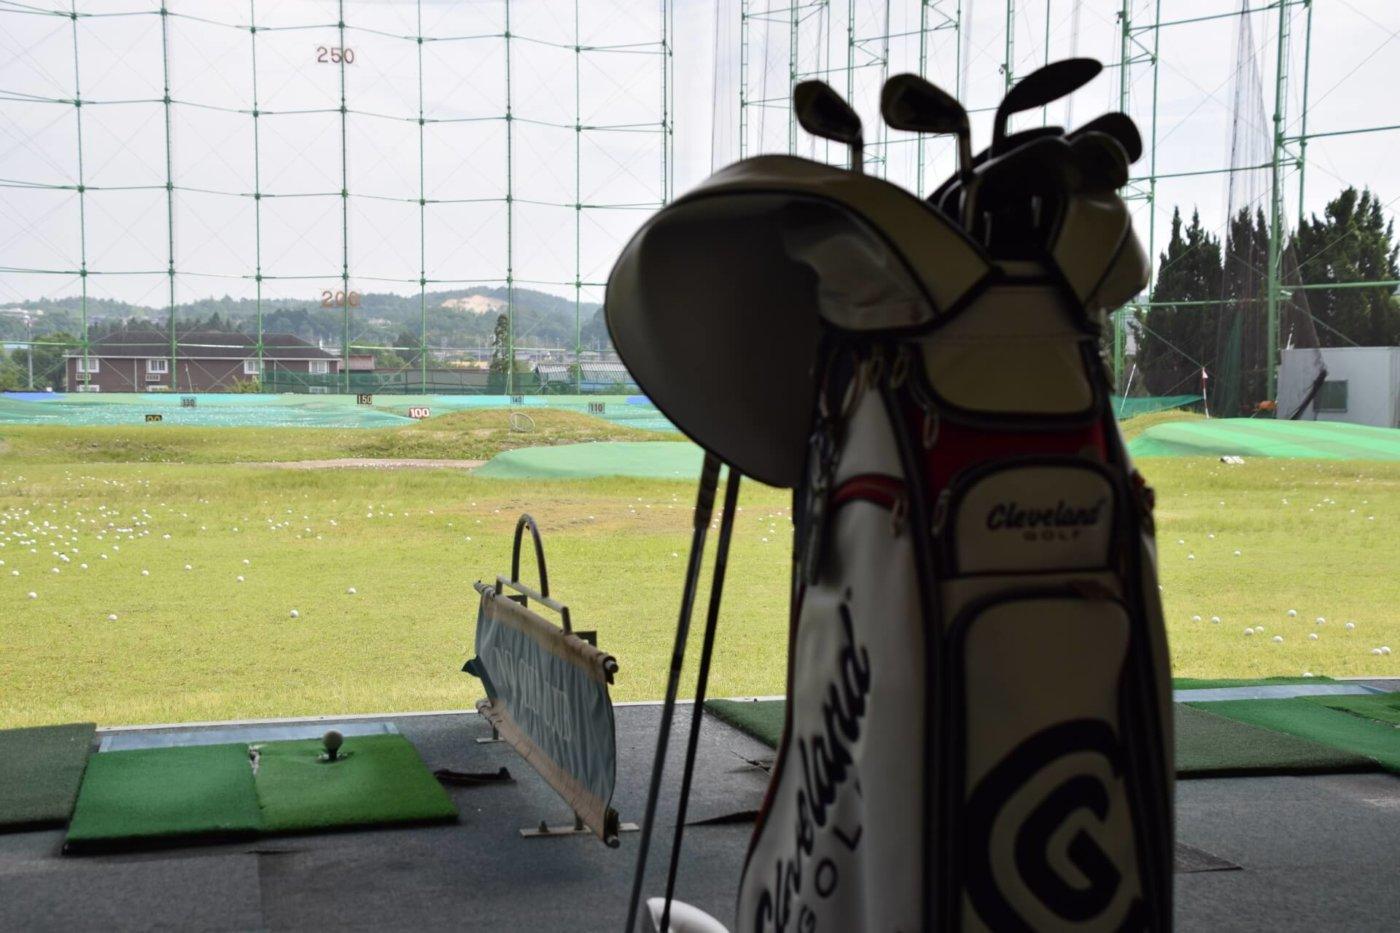 クラブケースを持ってゴルフの練習に行こう!